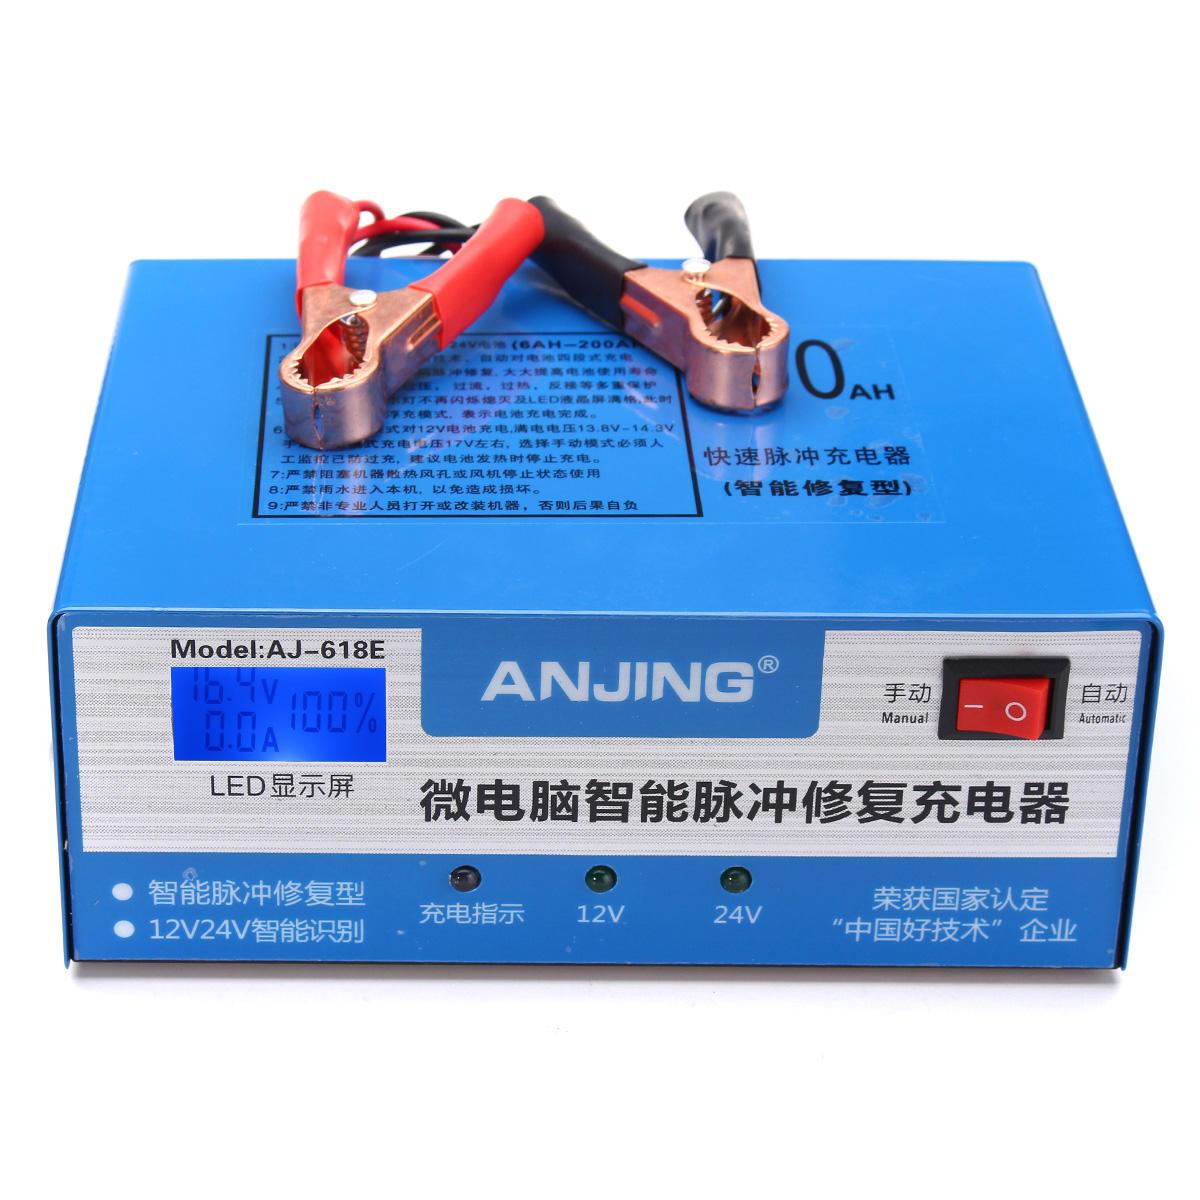 लीड एसिड लिथियम बैटरी के लिए 12V 24V 200AH 220W कार मोटरसाइकिल बैटरी चार्जर पल्स